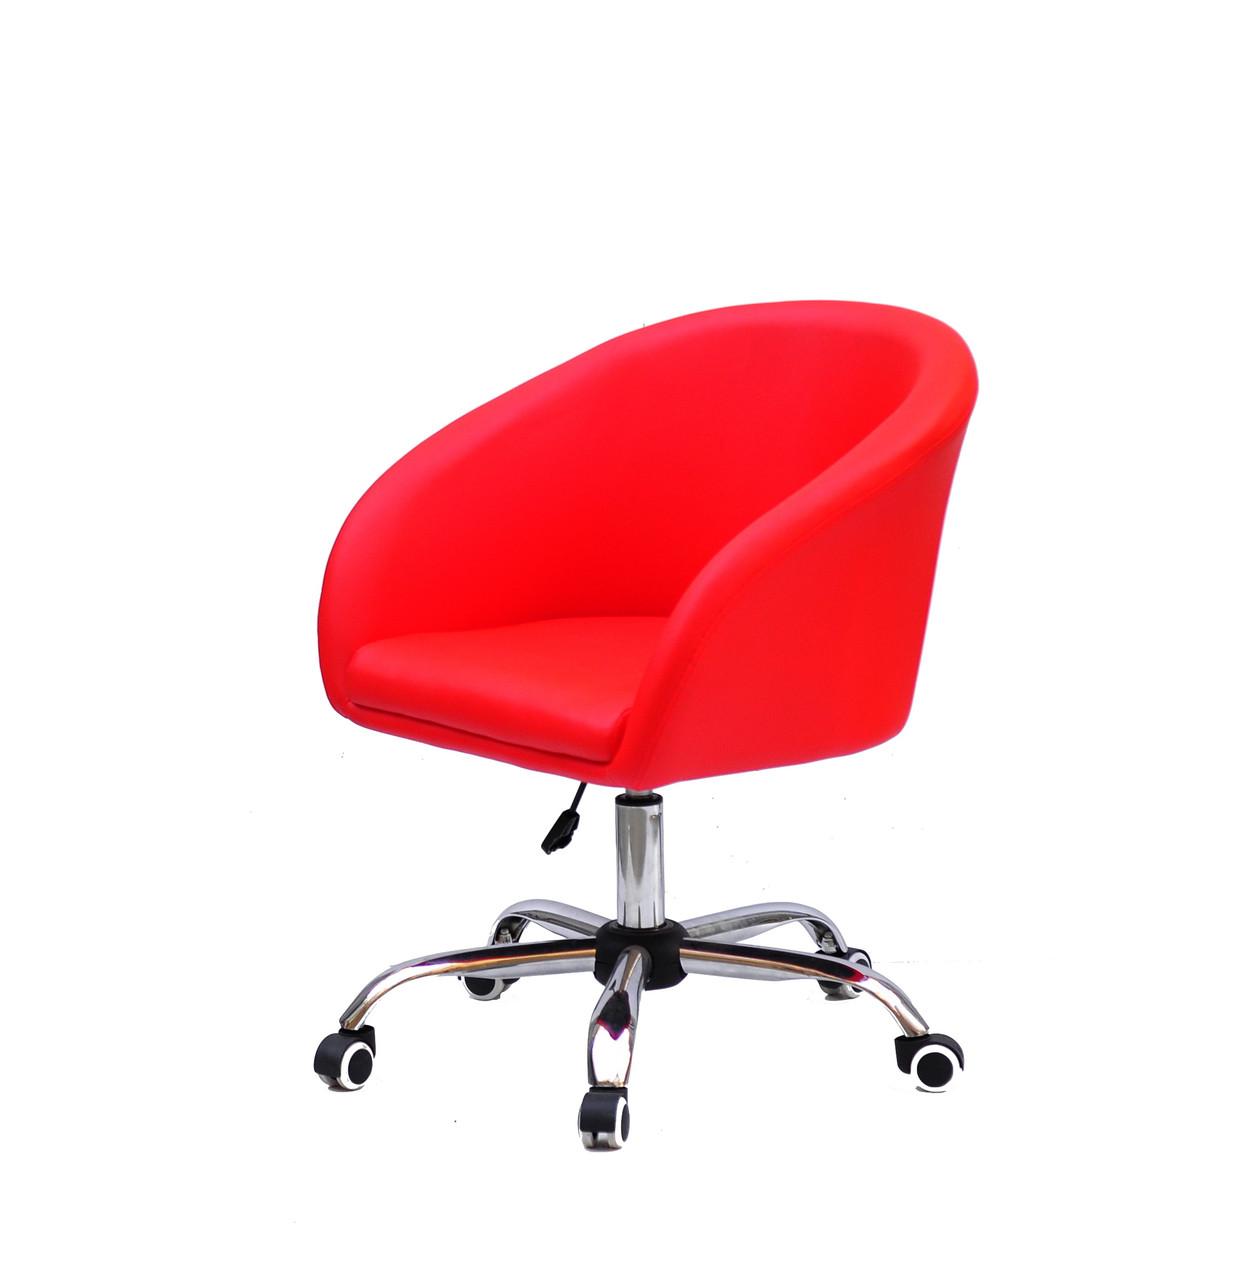 Стильное кресло из эко-кожи на колесиках ANDY CH-Office - кресло гримера, кресло стилиста, визажиста